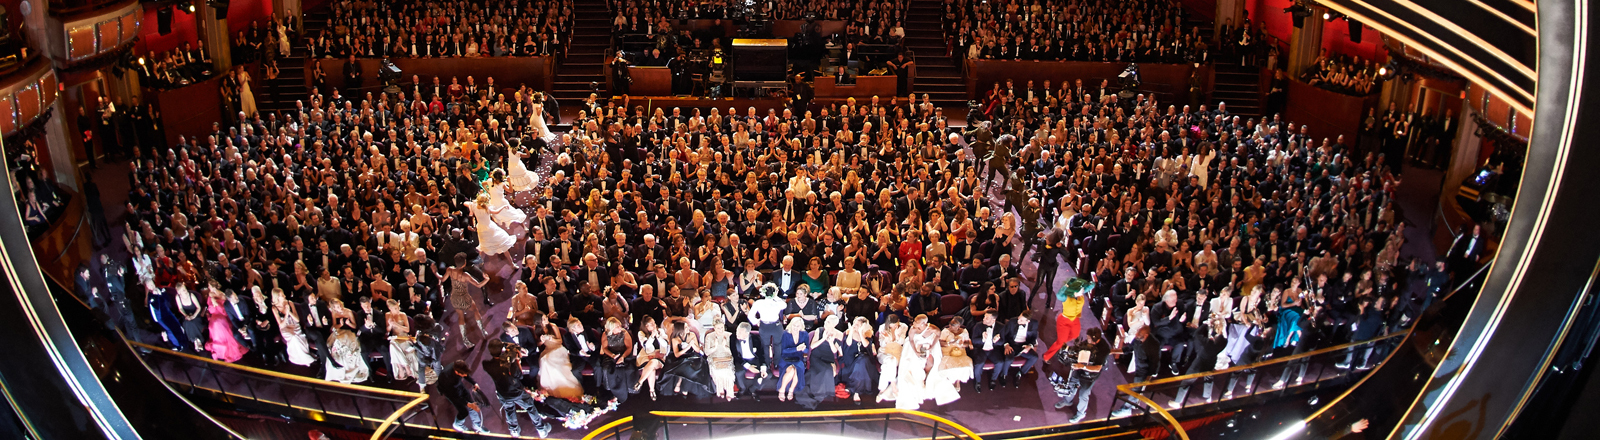 Das Publikum der Oscar-Verleihung 2020.